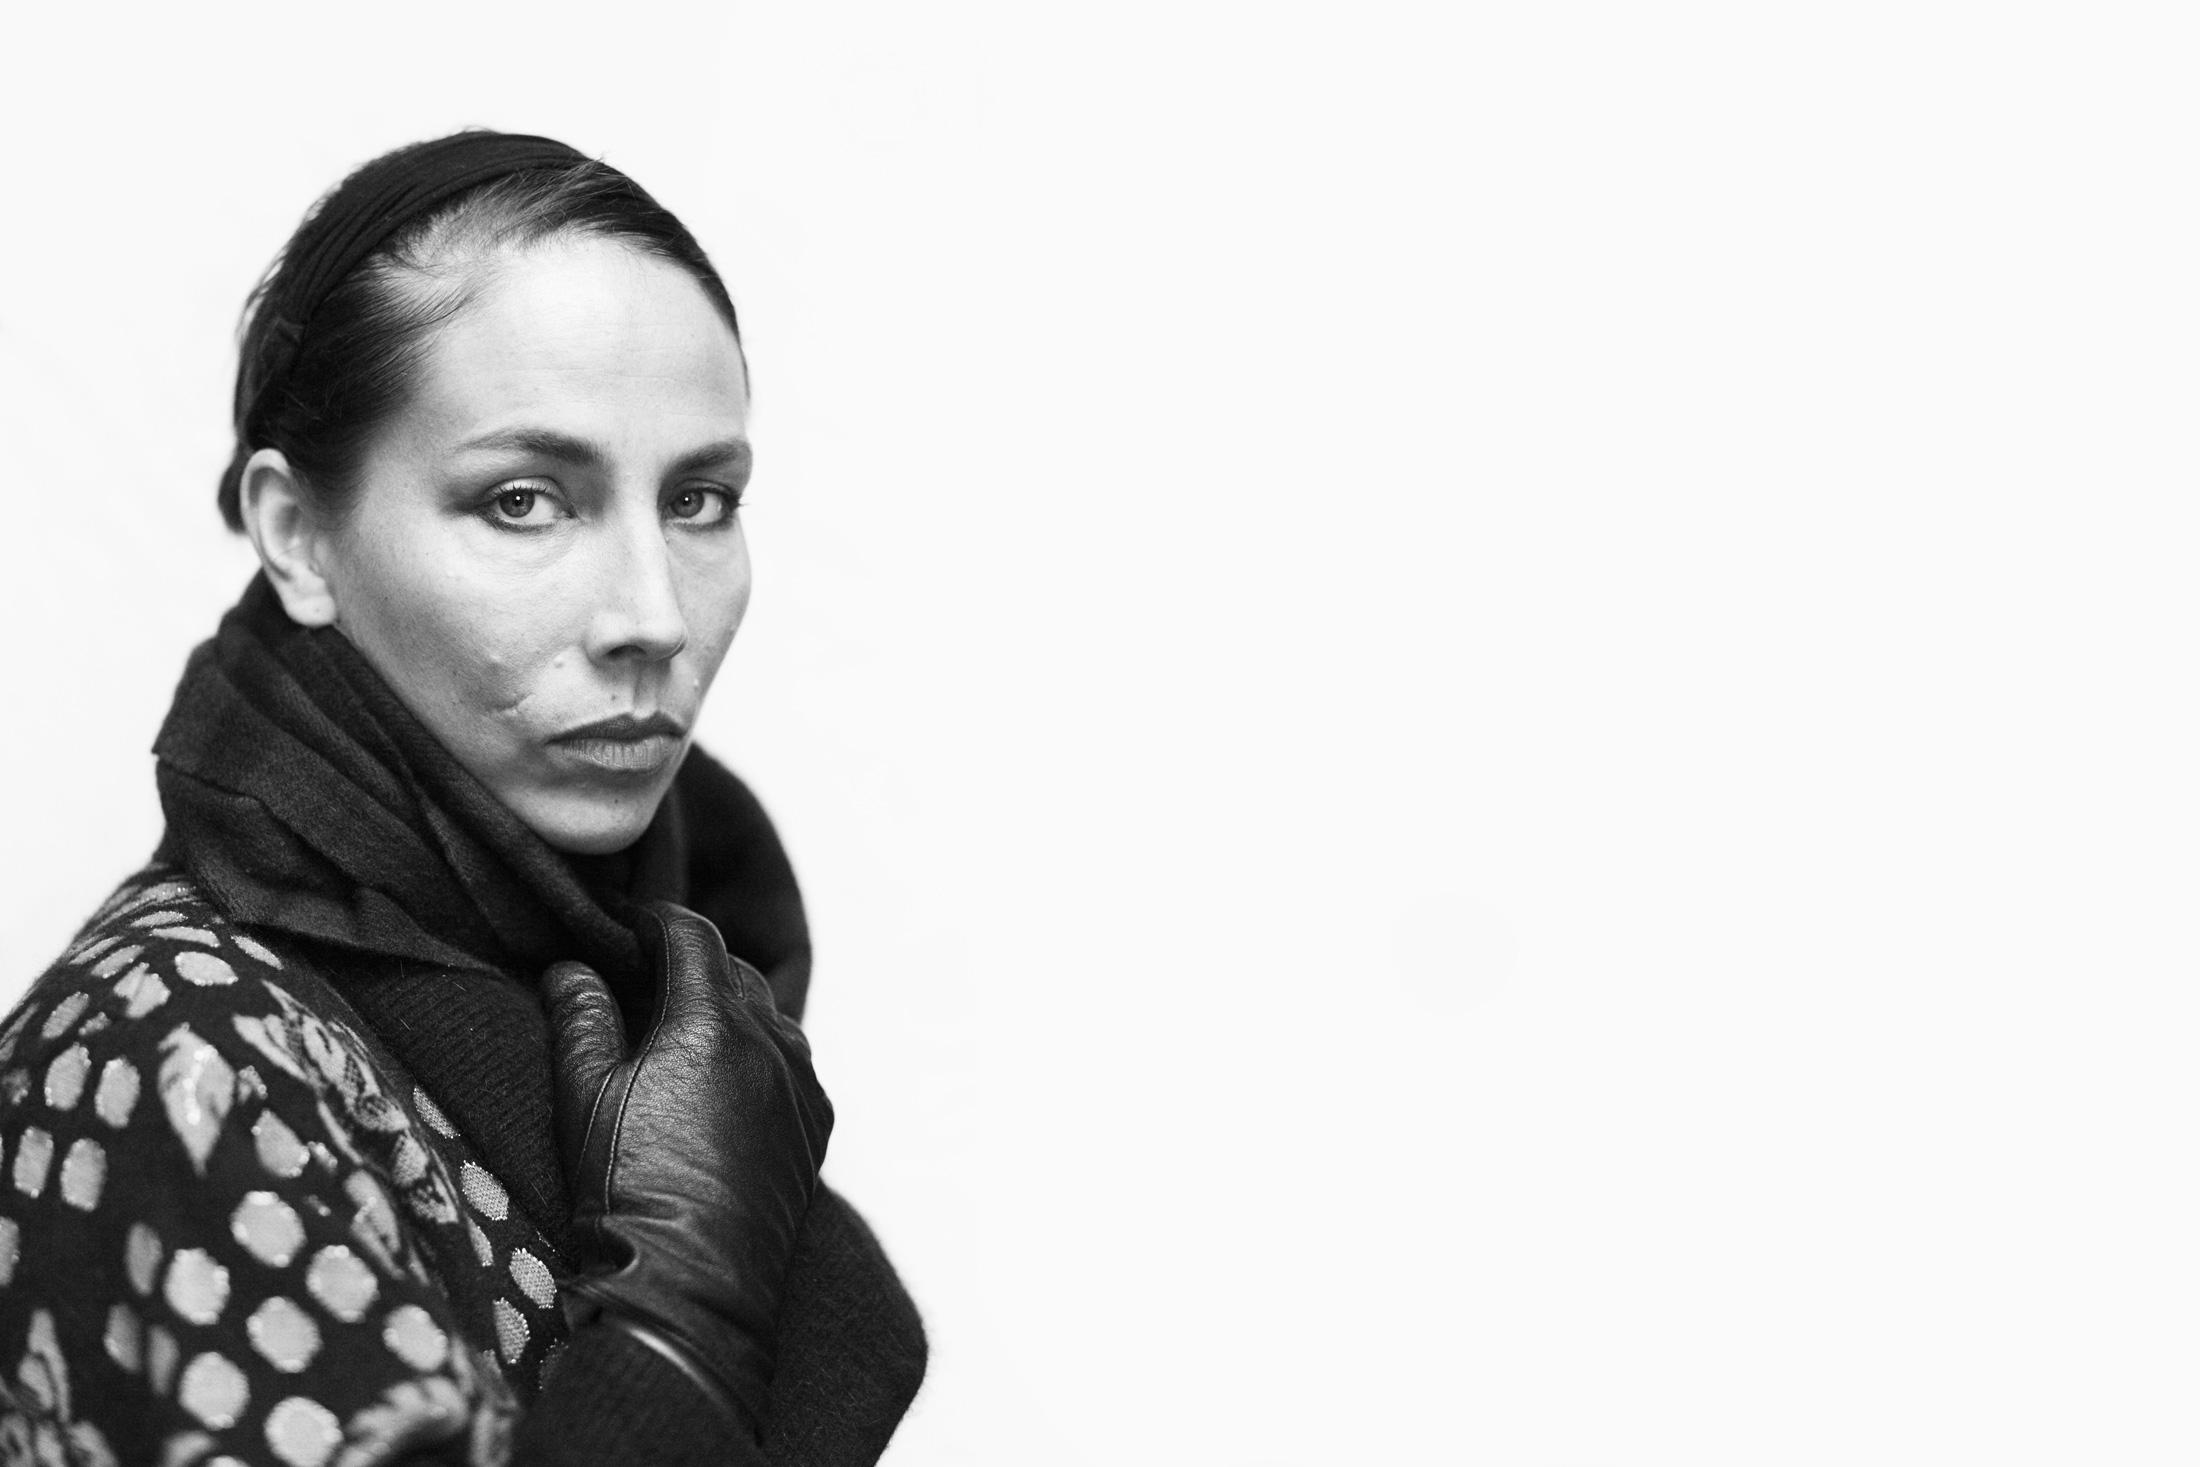 Jenny Wilson (photo by Morten Aagaard Krogh)